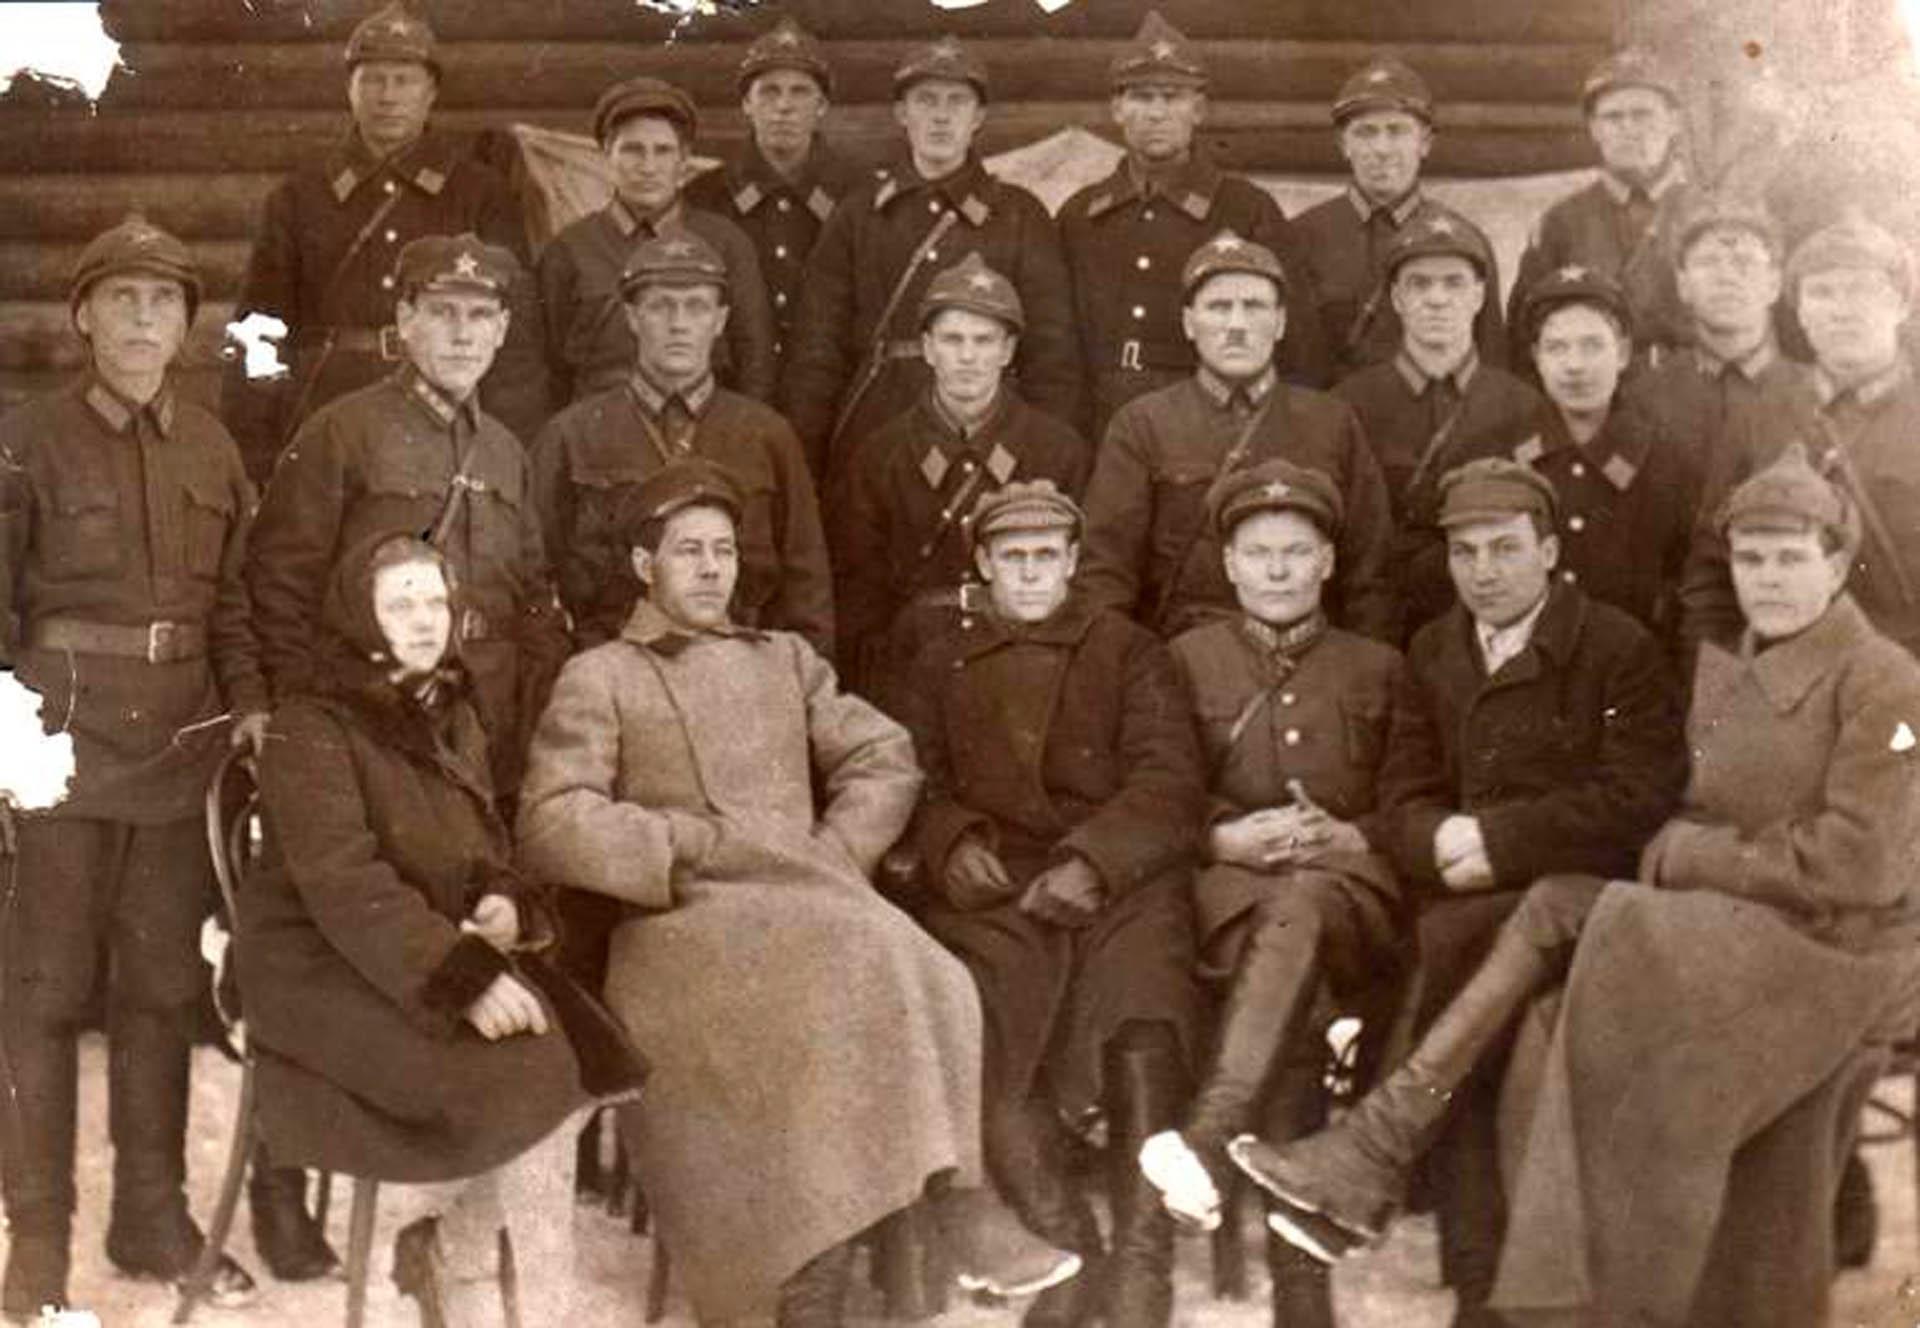 Районный отдел милиции в Нязепетровском районе, фото 1936 года.